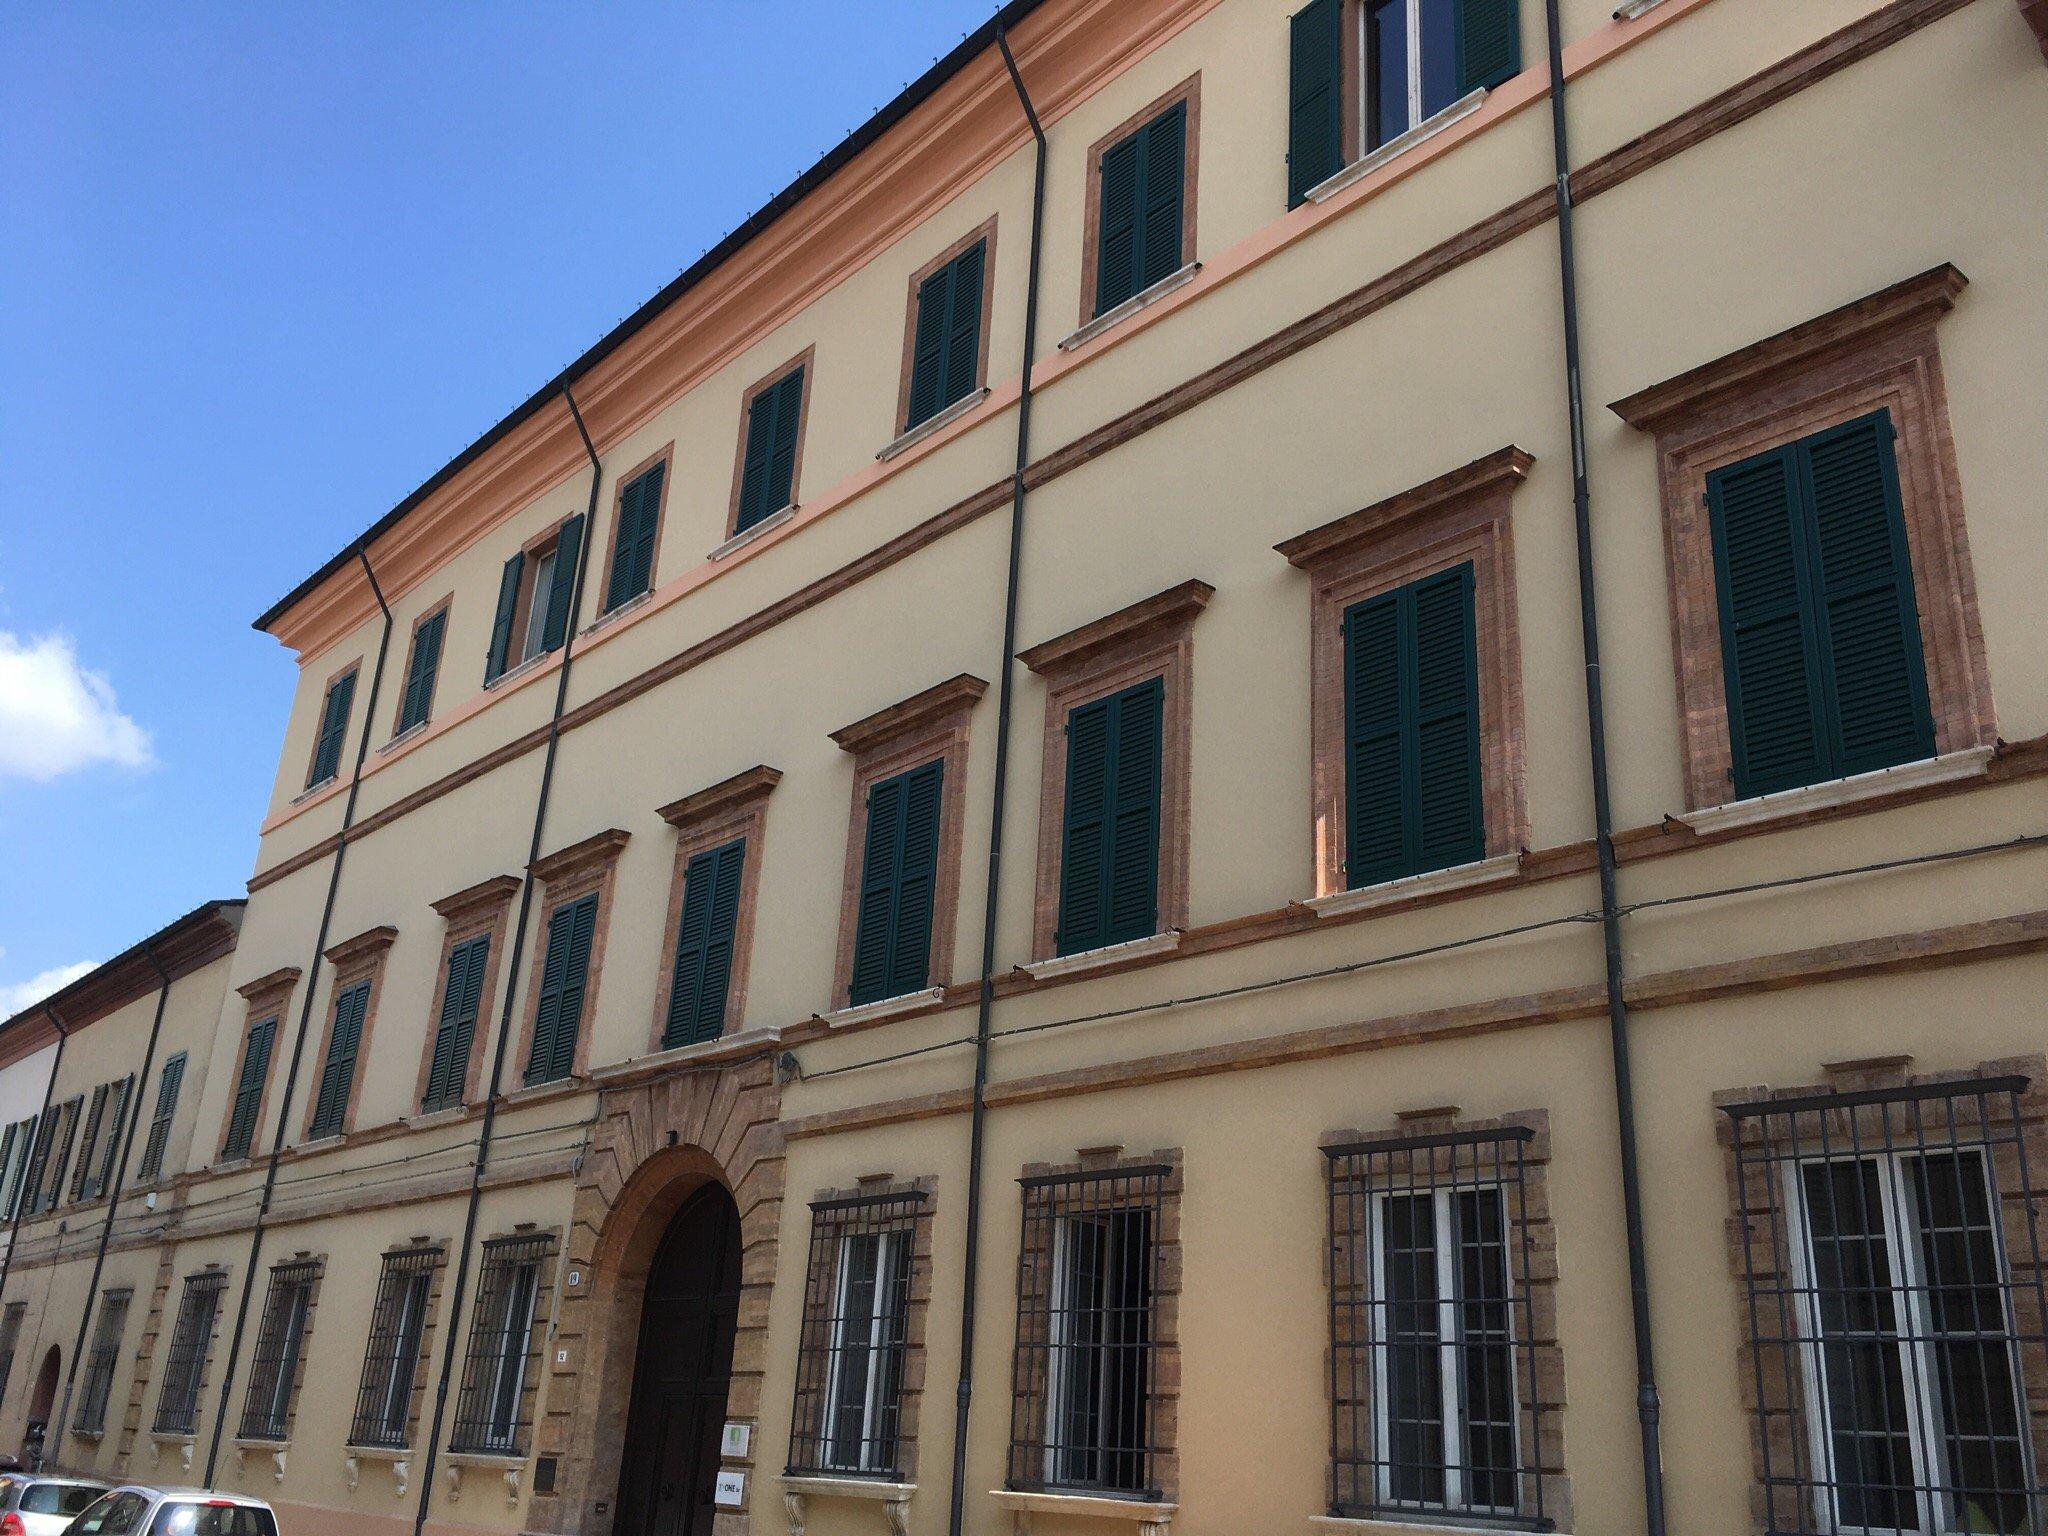 Palazzo Chiaramonti